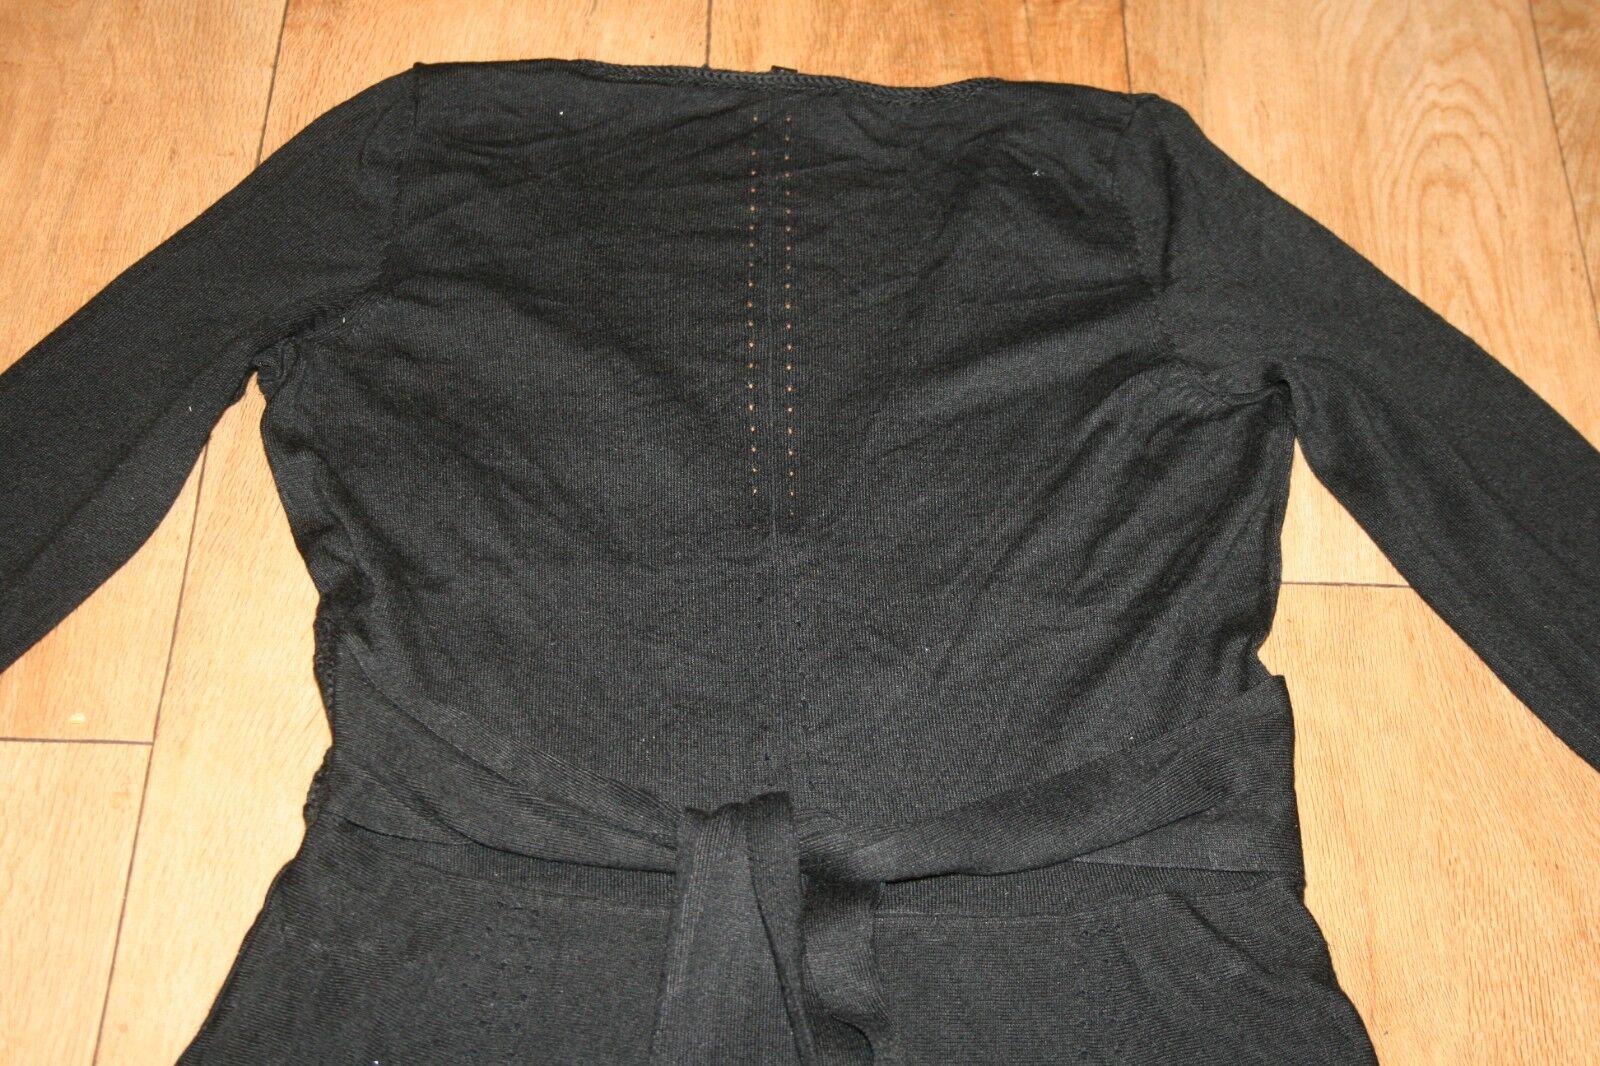 NUOVO  Vestito in maglia costa Taglia Taglia Taglia 10 Cavo Lavorato a Maglia Taglia anni'50 Rockabilly Skater Party a45aac